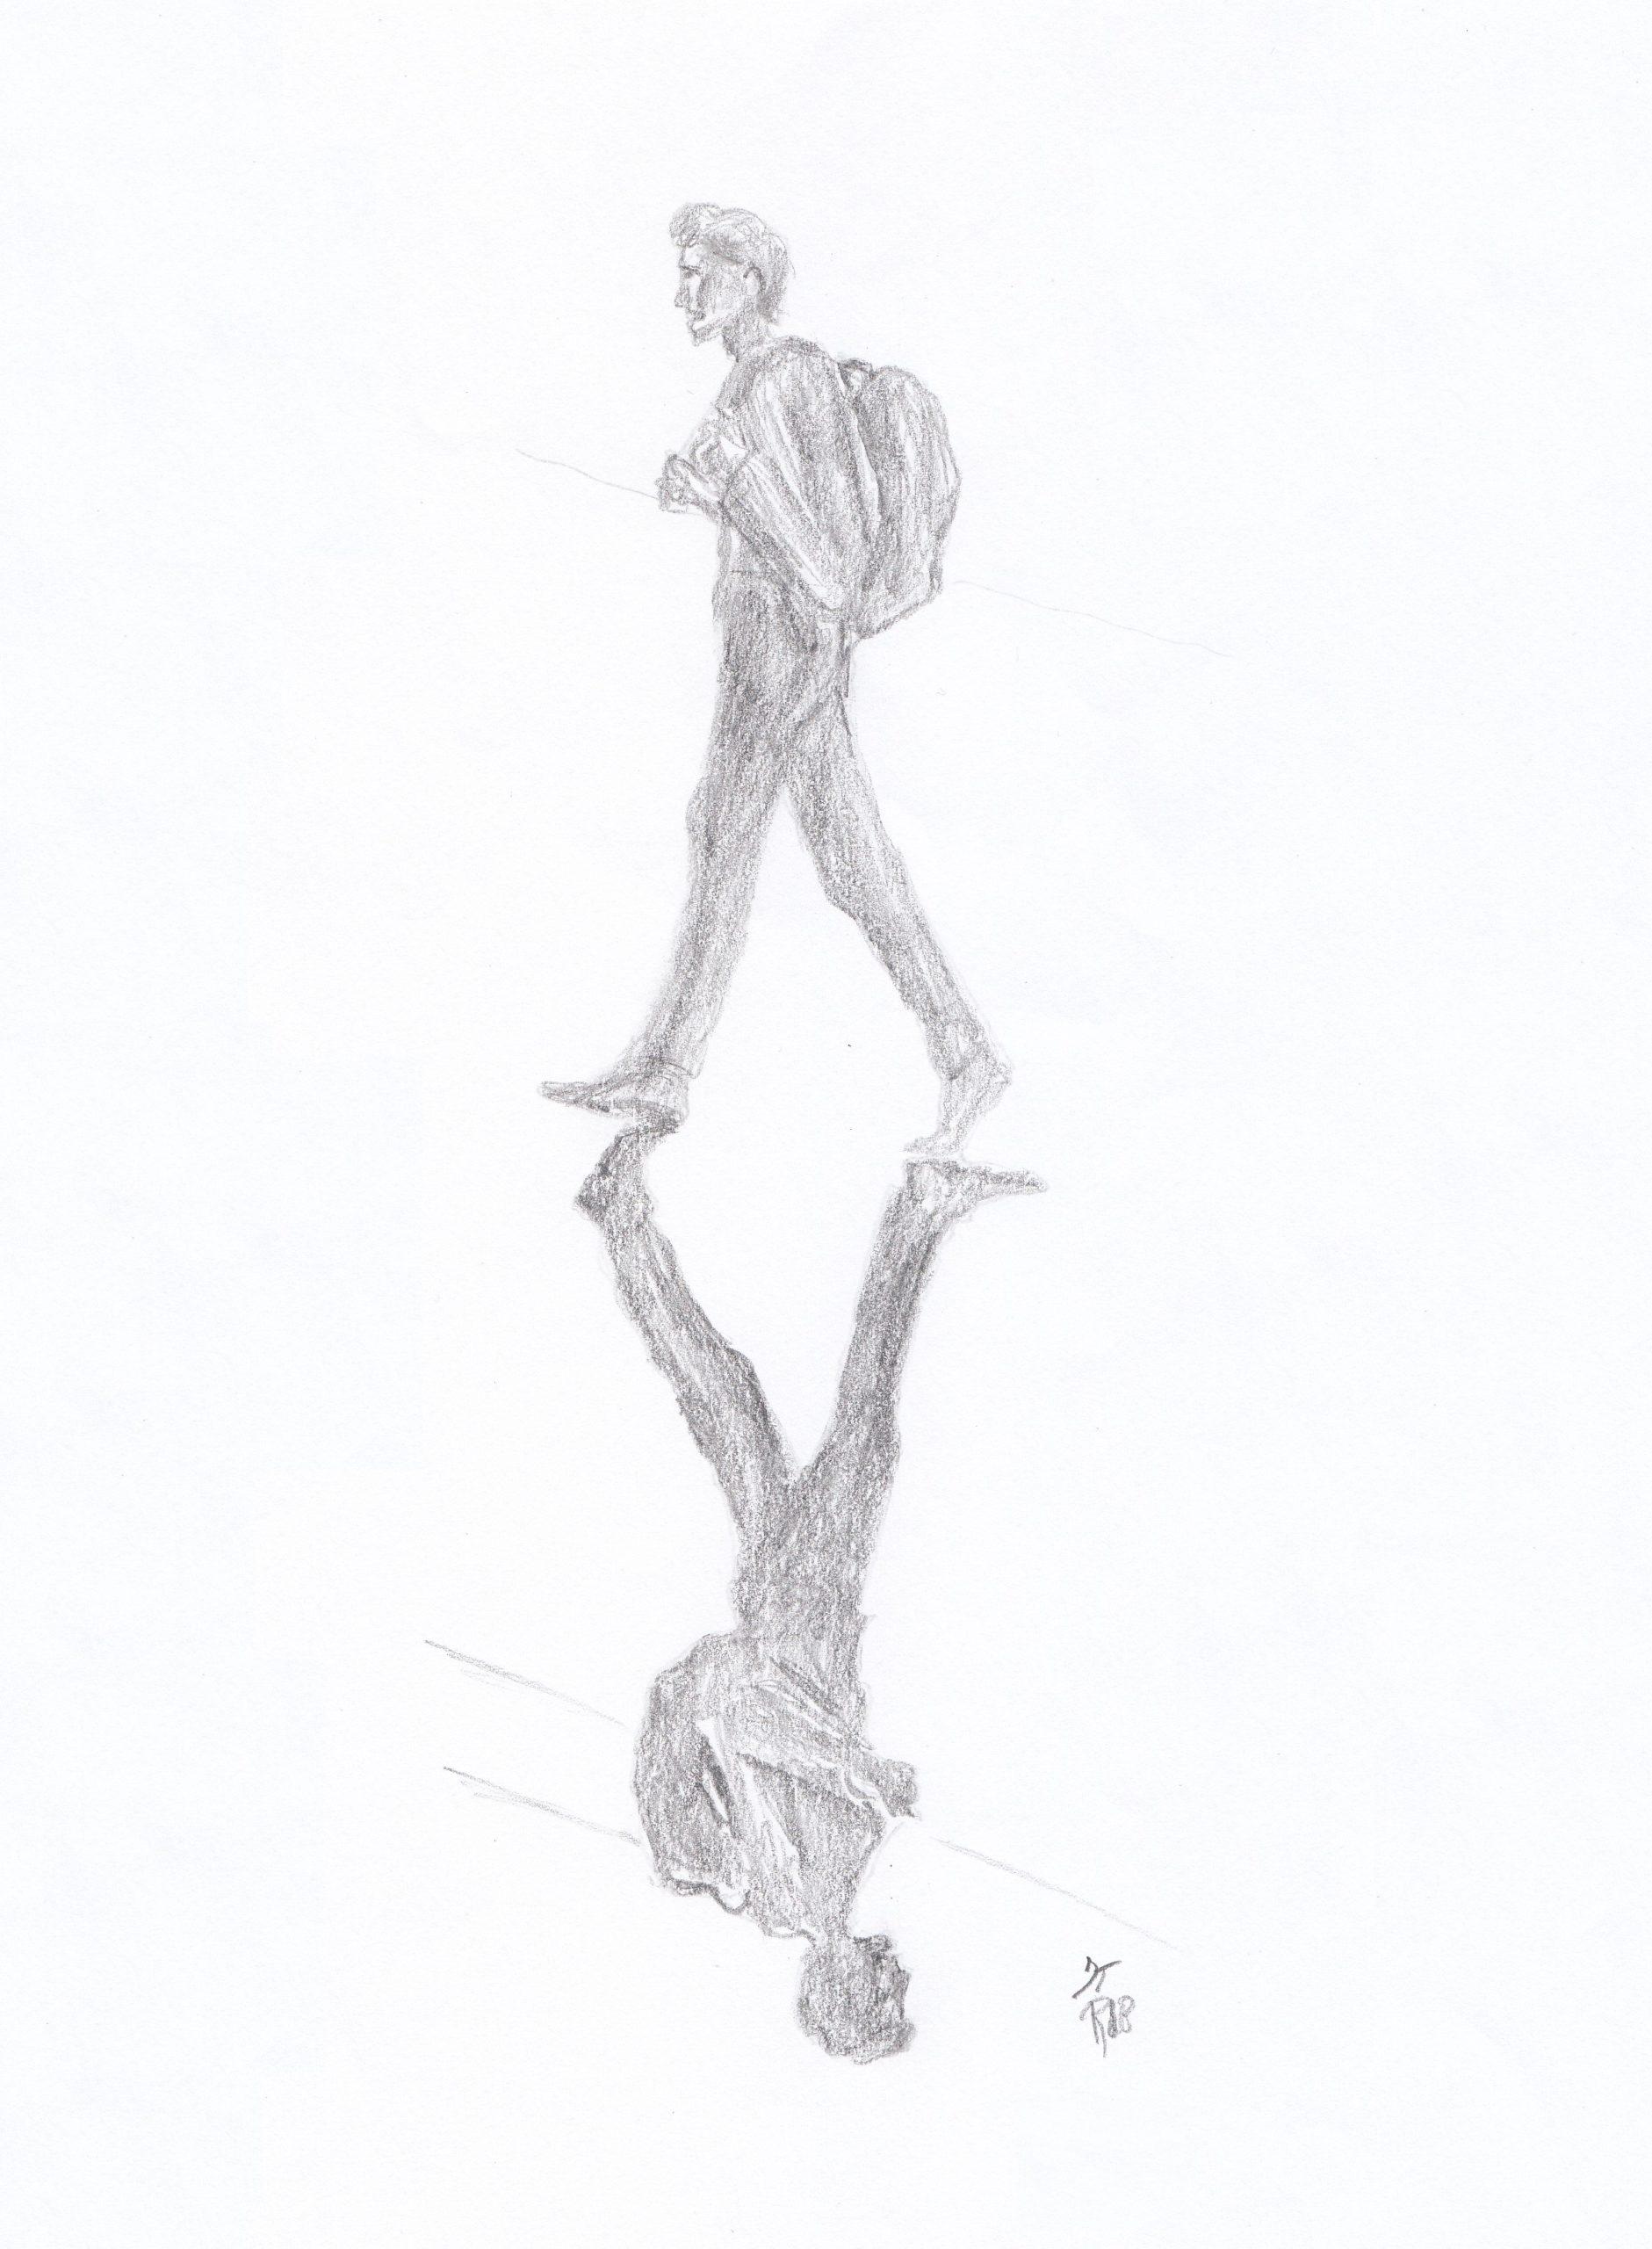 Leaving shadow